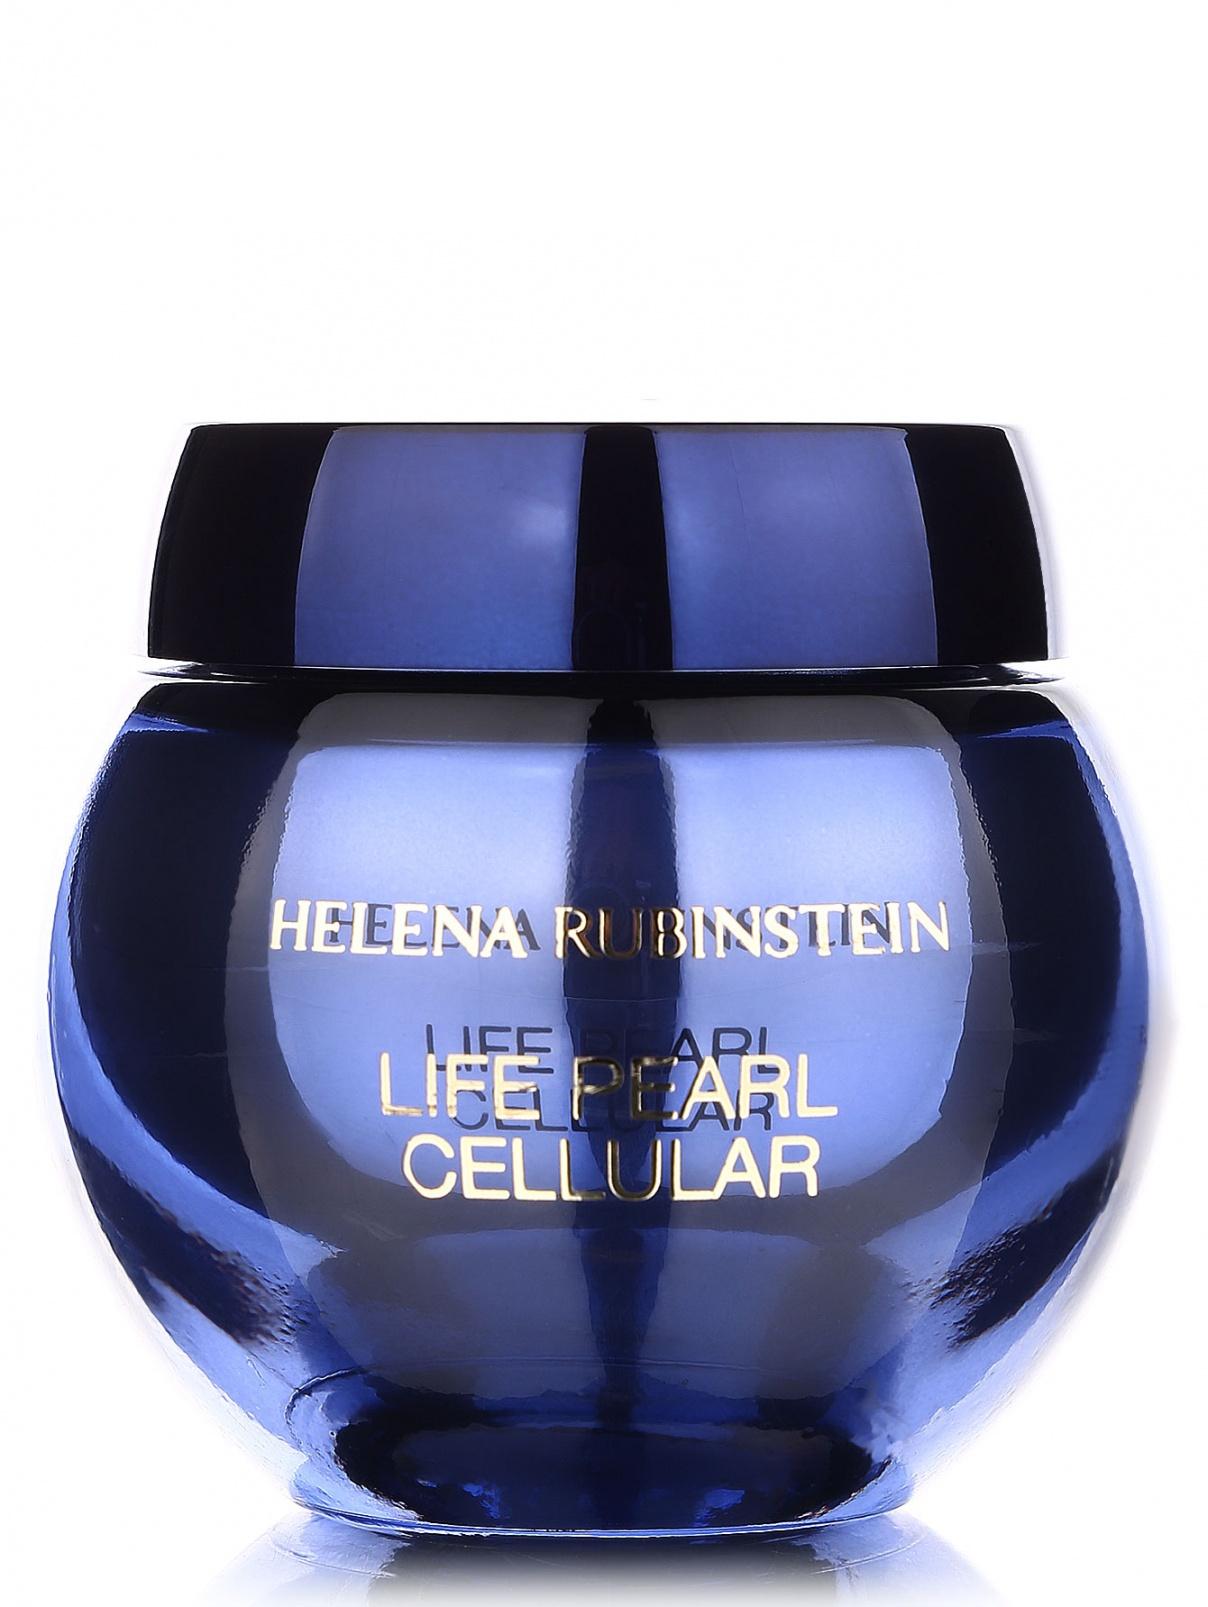 Крем для лица с клеточным комплексом - Life Pearl Cellular, 50ml Helena Rubinstein  –  Общий вид